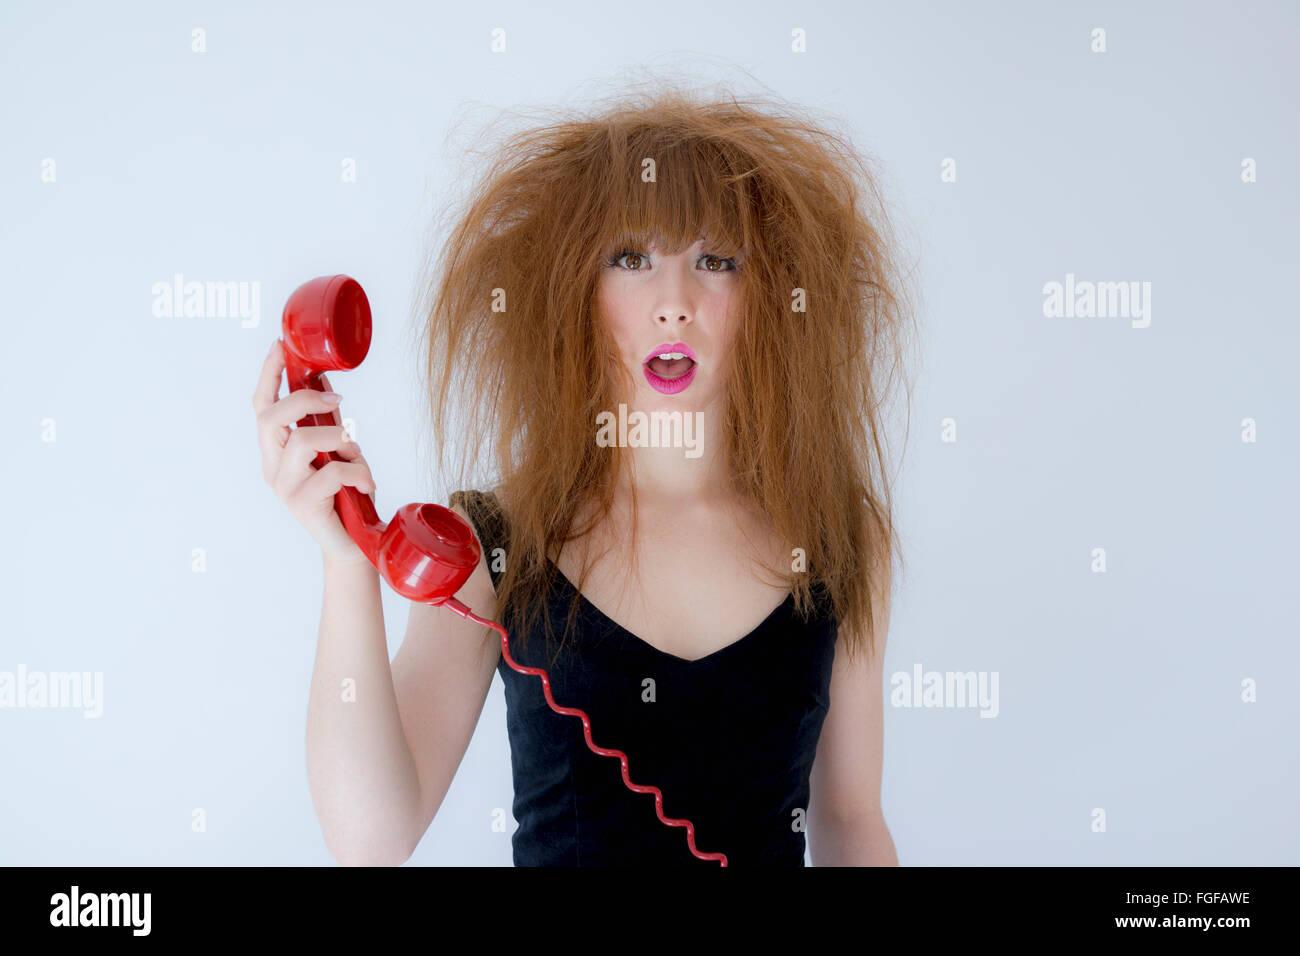 Mujer con cabello desordenado sosteniendo un teléfono rojo retro con una expresión de confusión Imagen De Stock